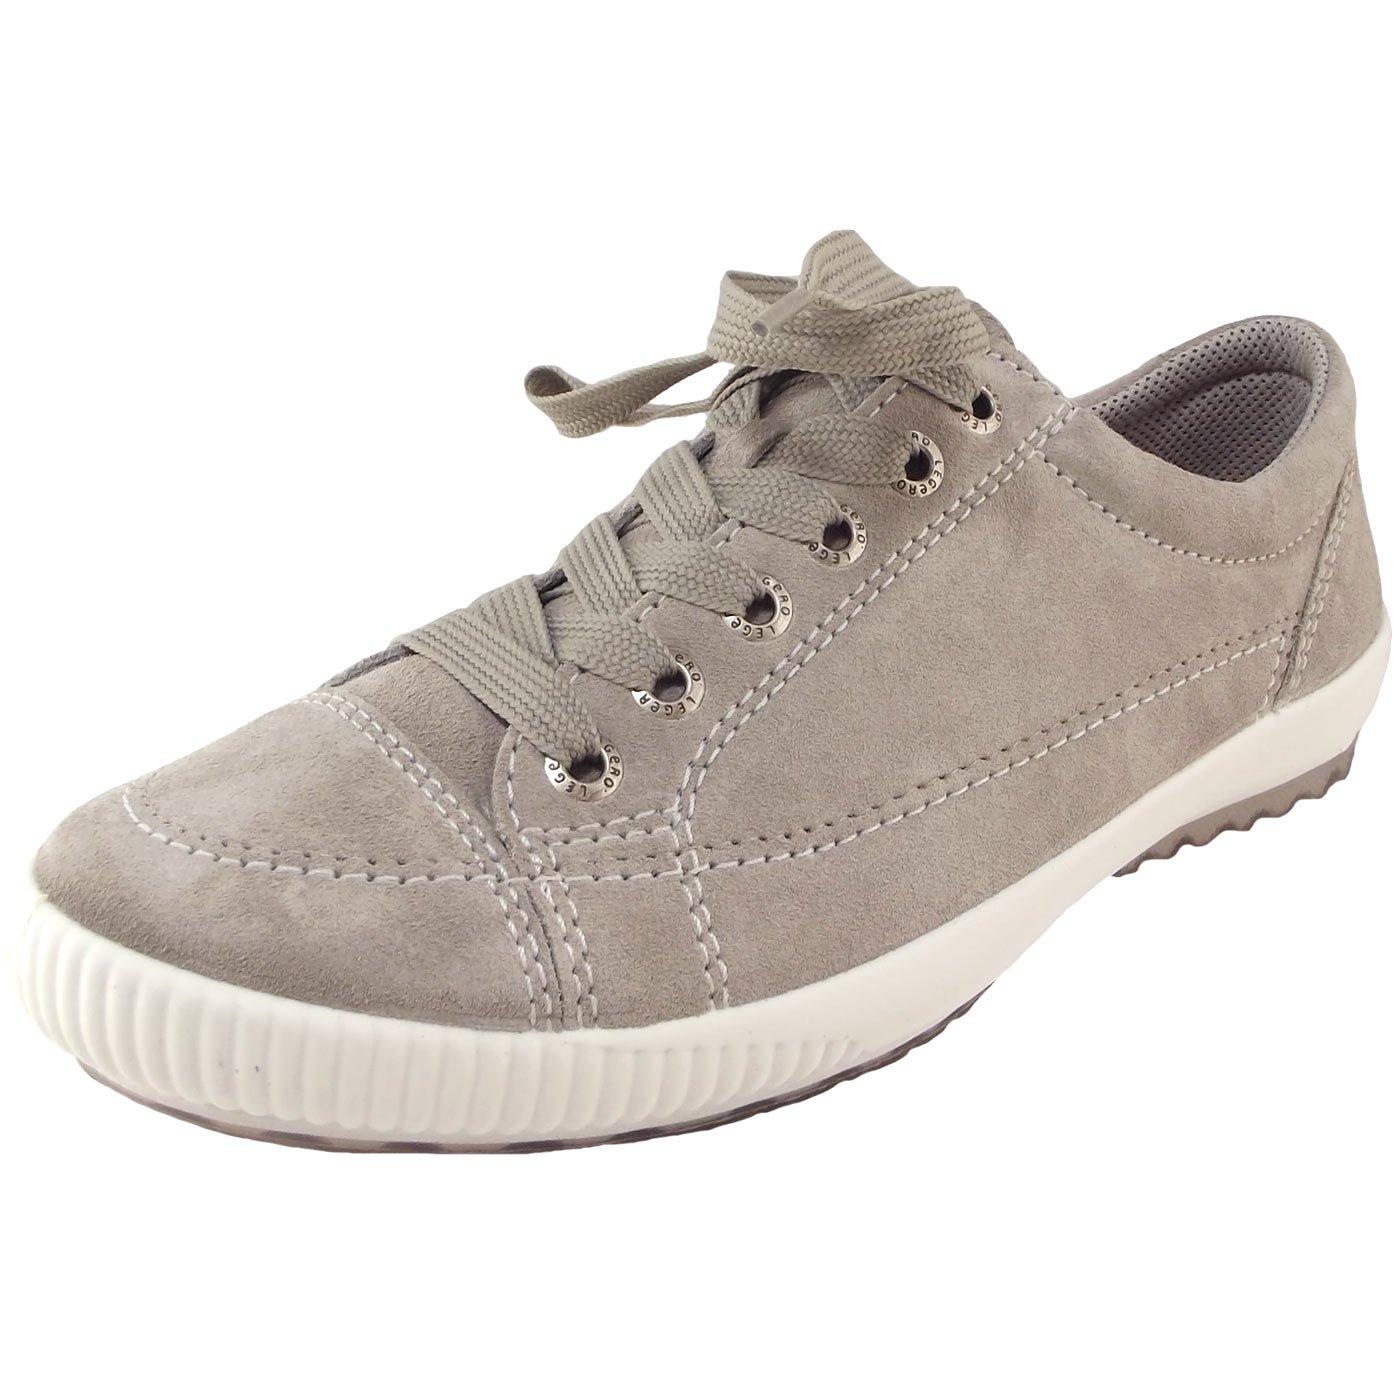 Superfit 2-00820-37 37 - Zapatos de cordones para mujer 38 EU|Beige